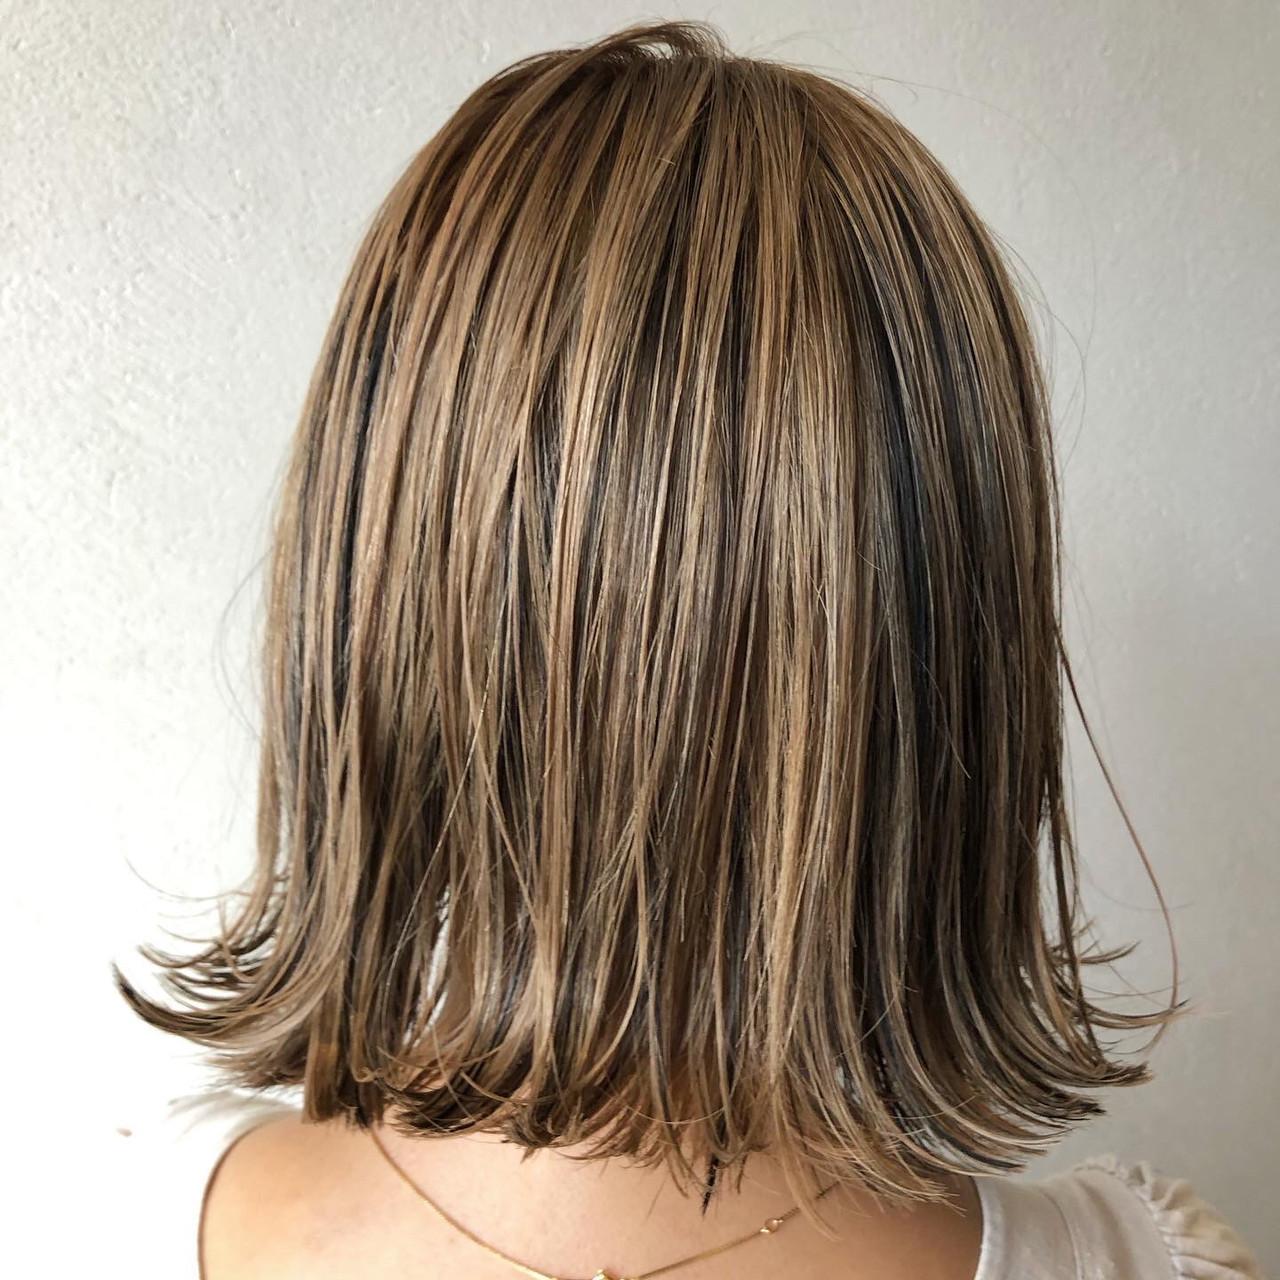 ストリート ローライト コントラストハイライト ハイライト ヘアスタイルや髪型の写真・画像